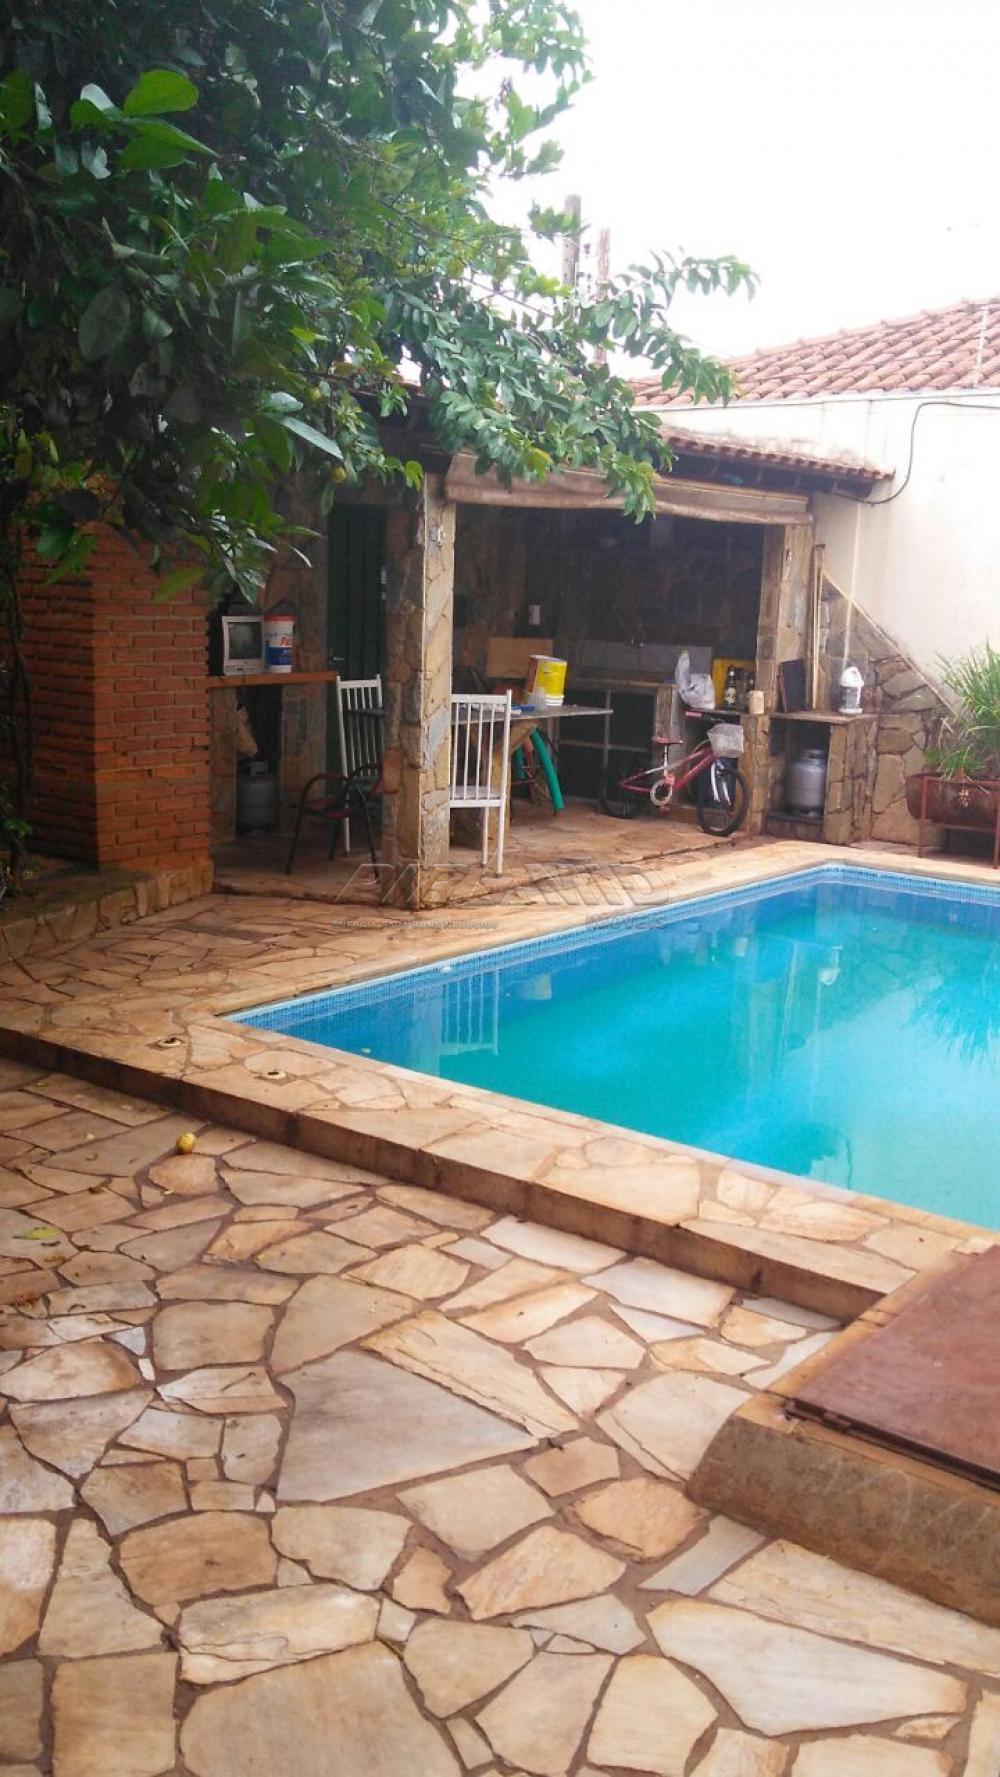 Comprar Casa / Padrão em Ribeirão Preto apenas R$ 210.000,00 - Foto 19